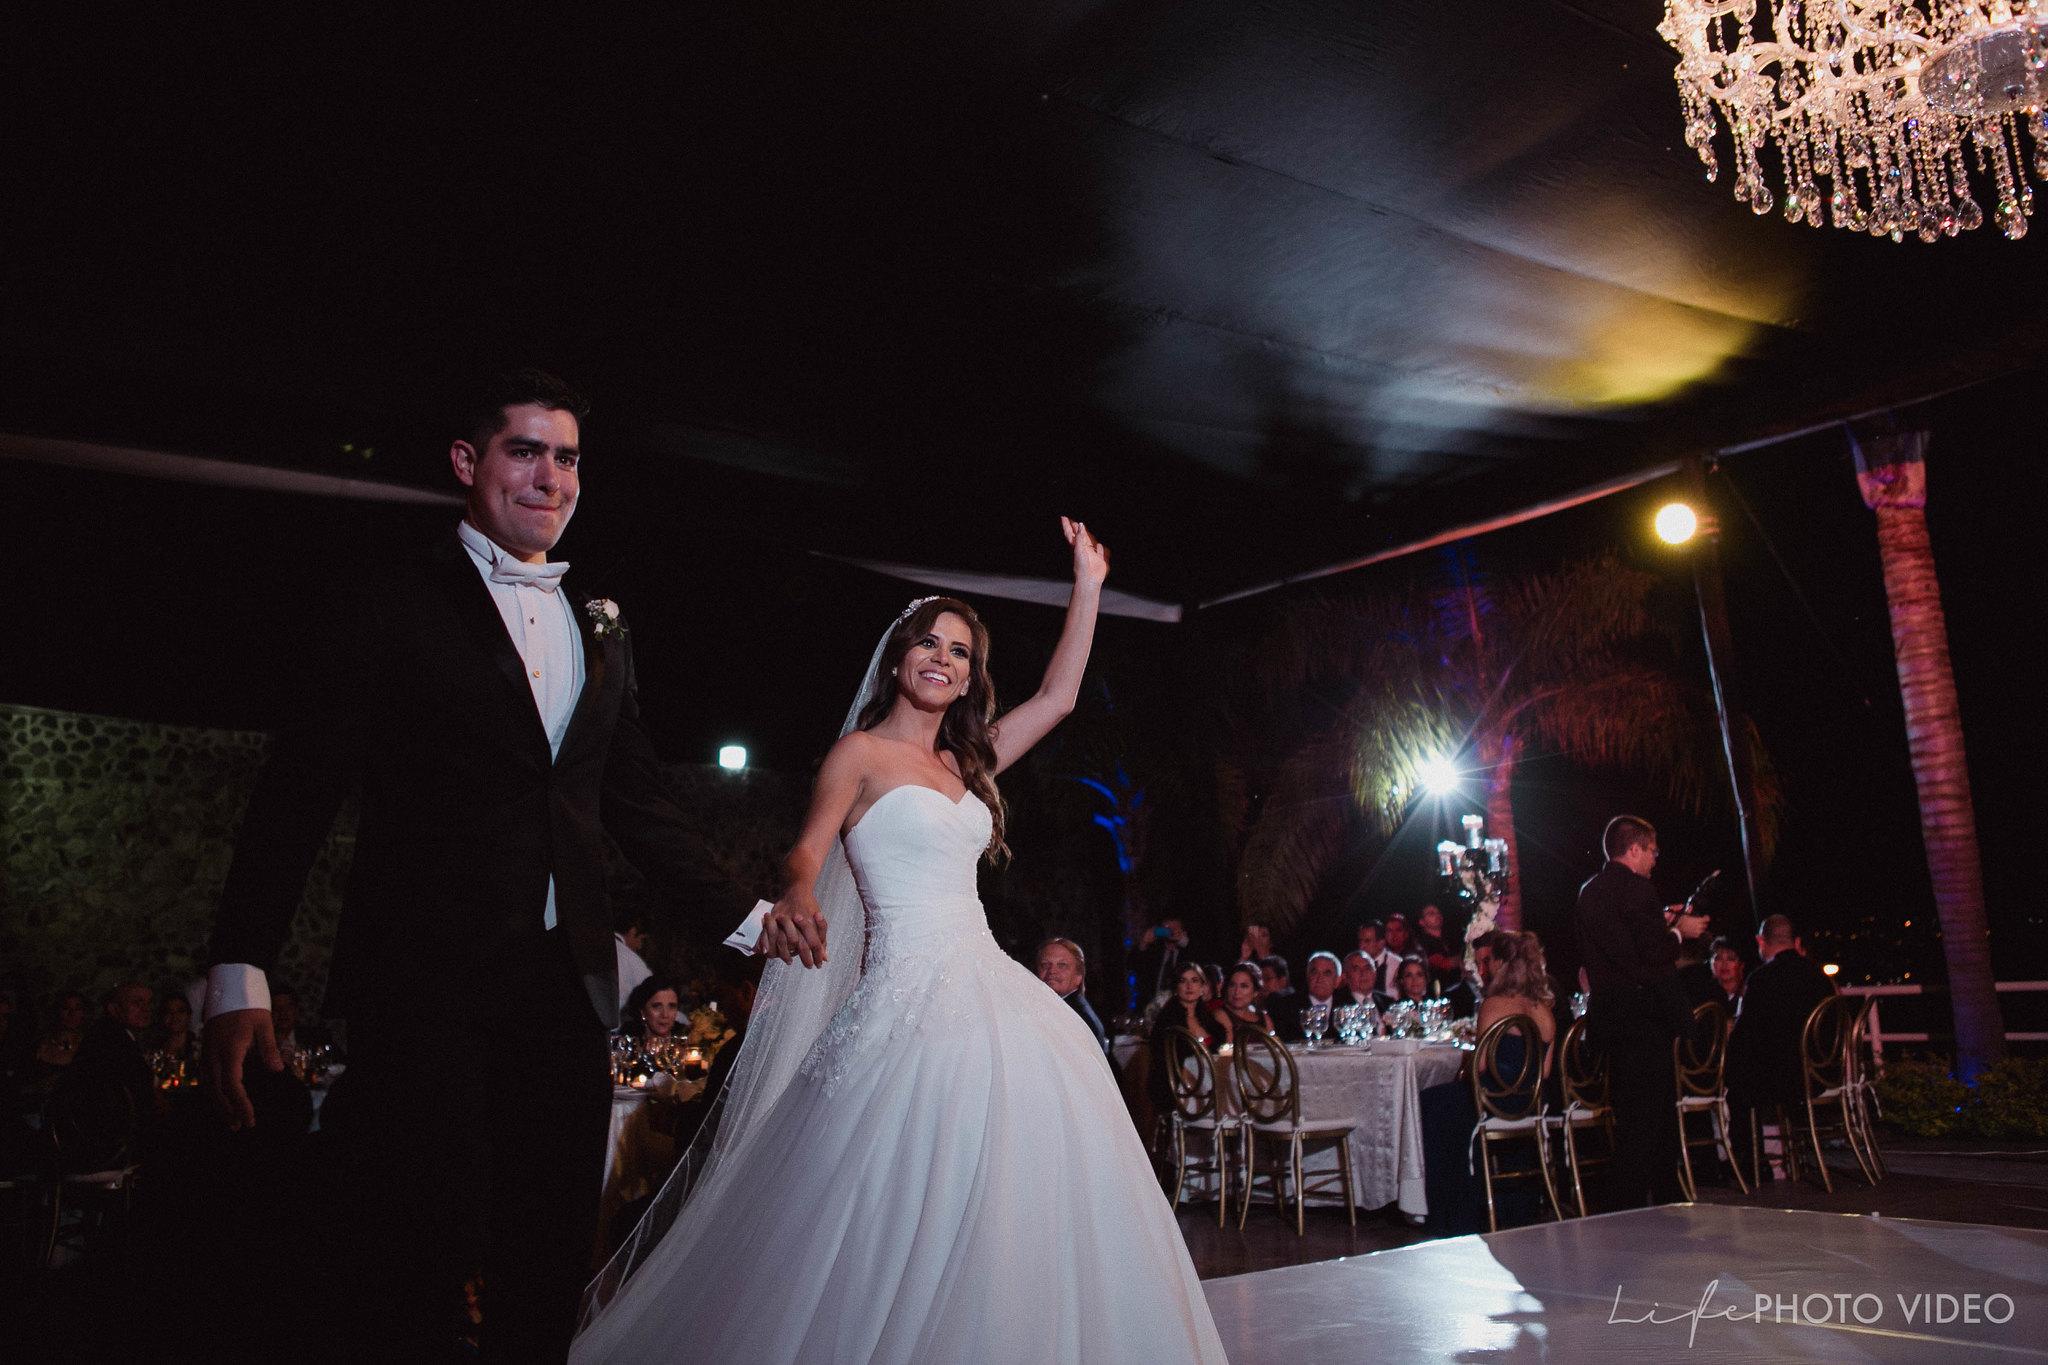 Boda_LeonGto_Wedding_LifePhotoVideo_0051.jpg